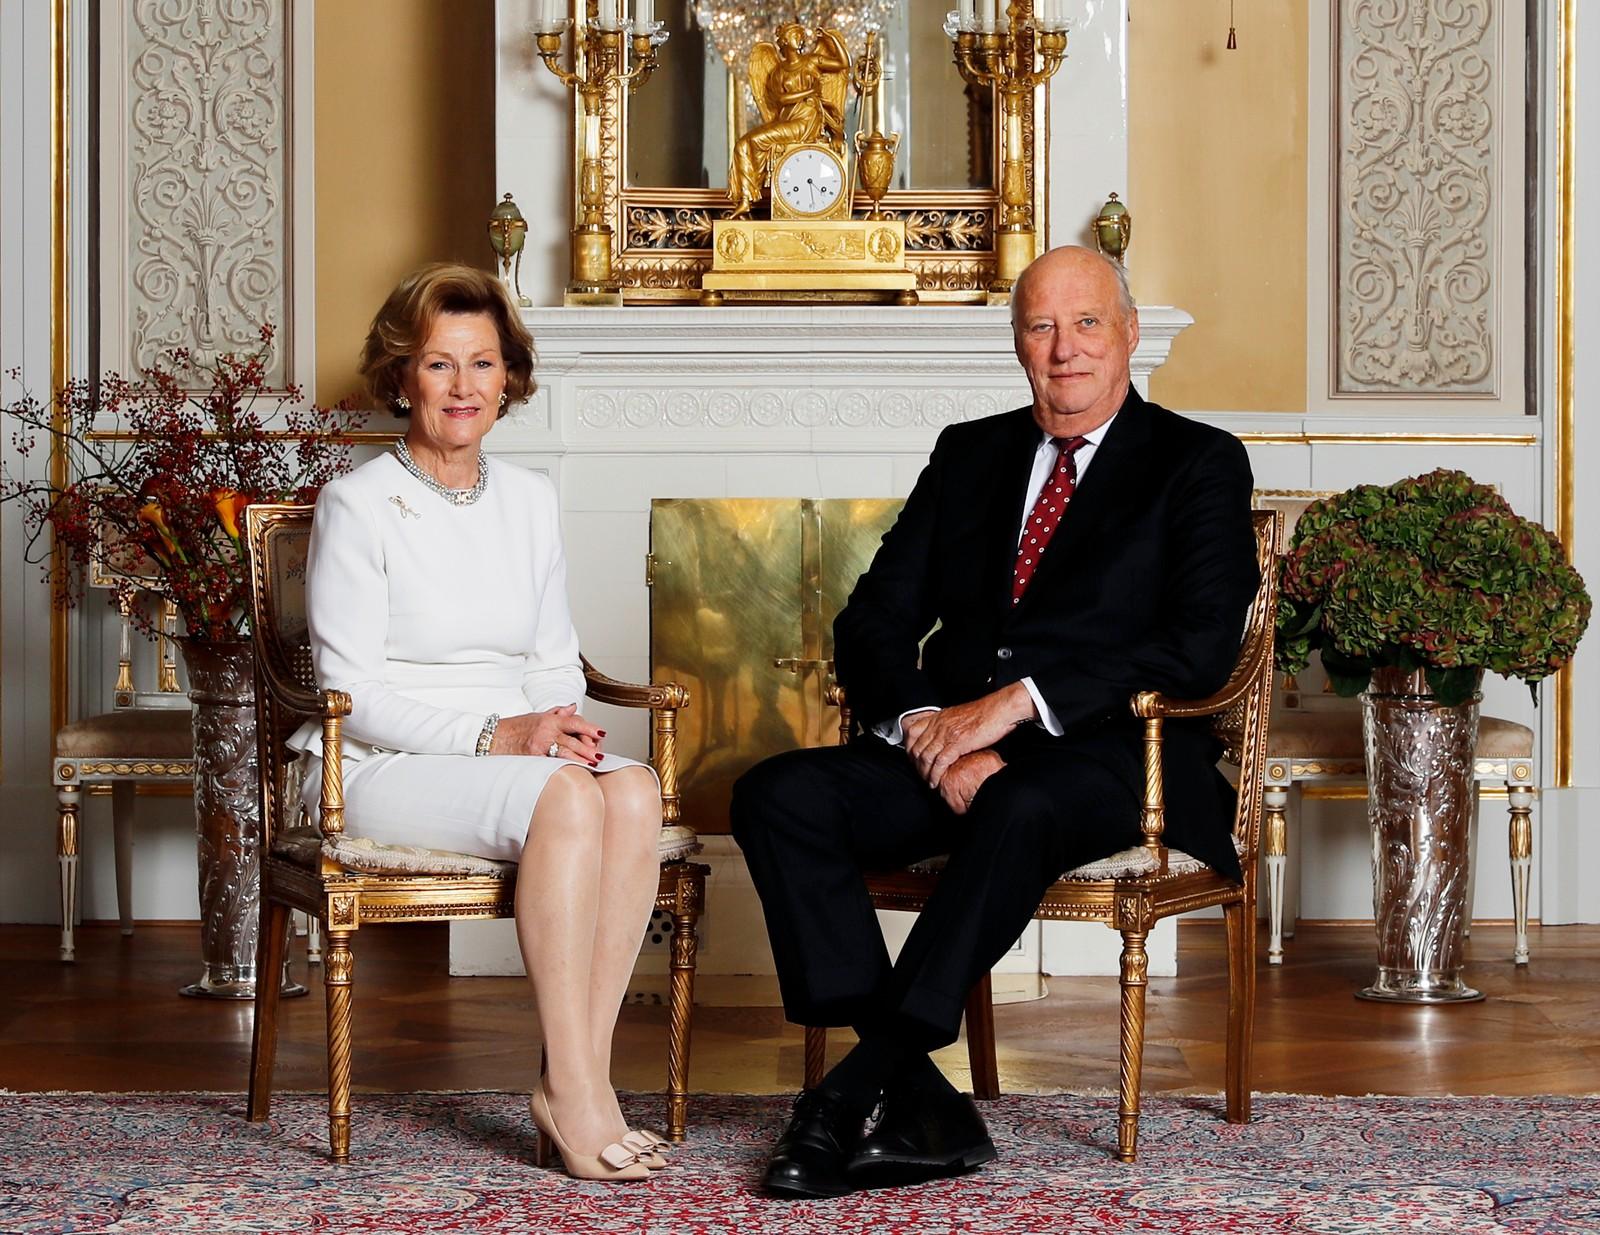 Kong Harald og dronning Sonja 80 år. Oslo 20161017. Kong Harald og dronning Sonja 80 år. I anledning kongeparets 80-års bursdager er kongefamilien fotografert i den hvite salong på Slottet i Oslo. Dronning Sonja og kong Harald. Foto: Lise Åserud / NTB scanpix